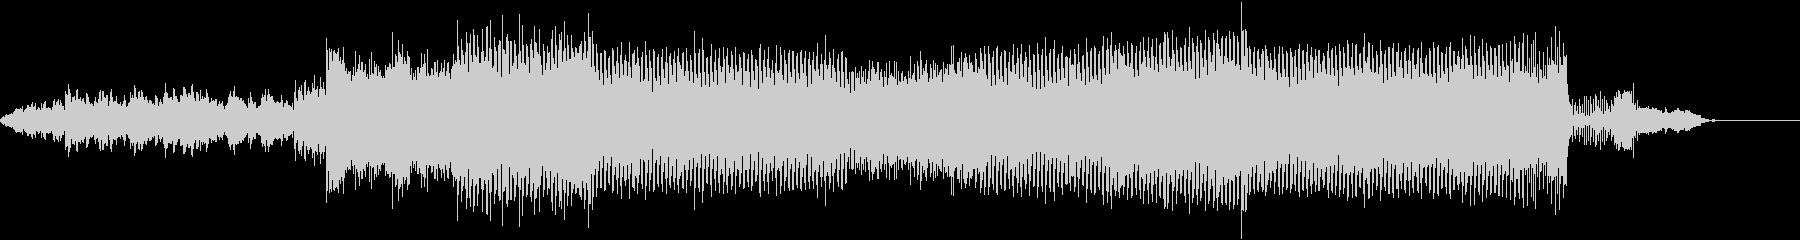 シーケンスフレーズ満載のデジタルビートの未再生の波形